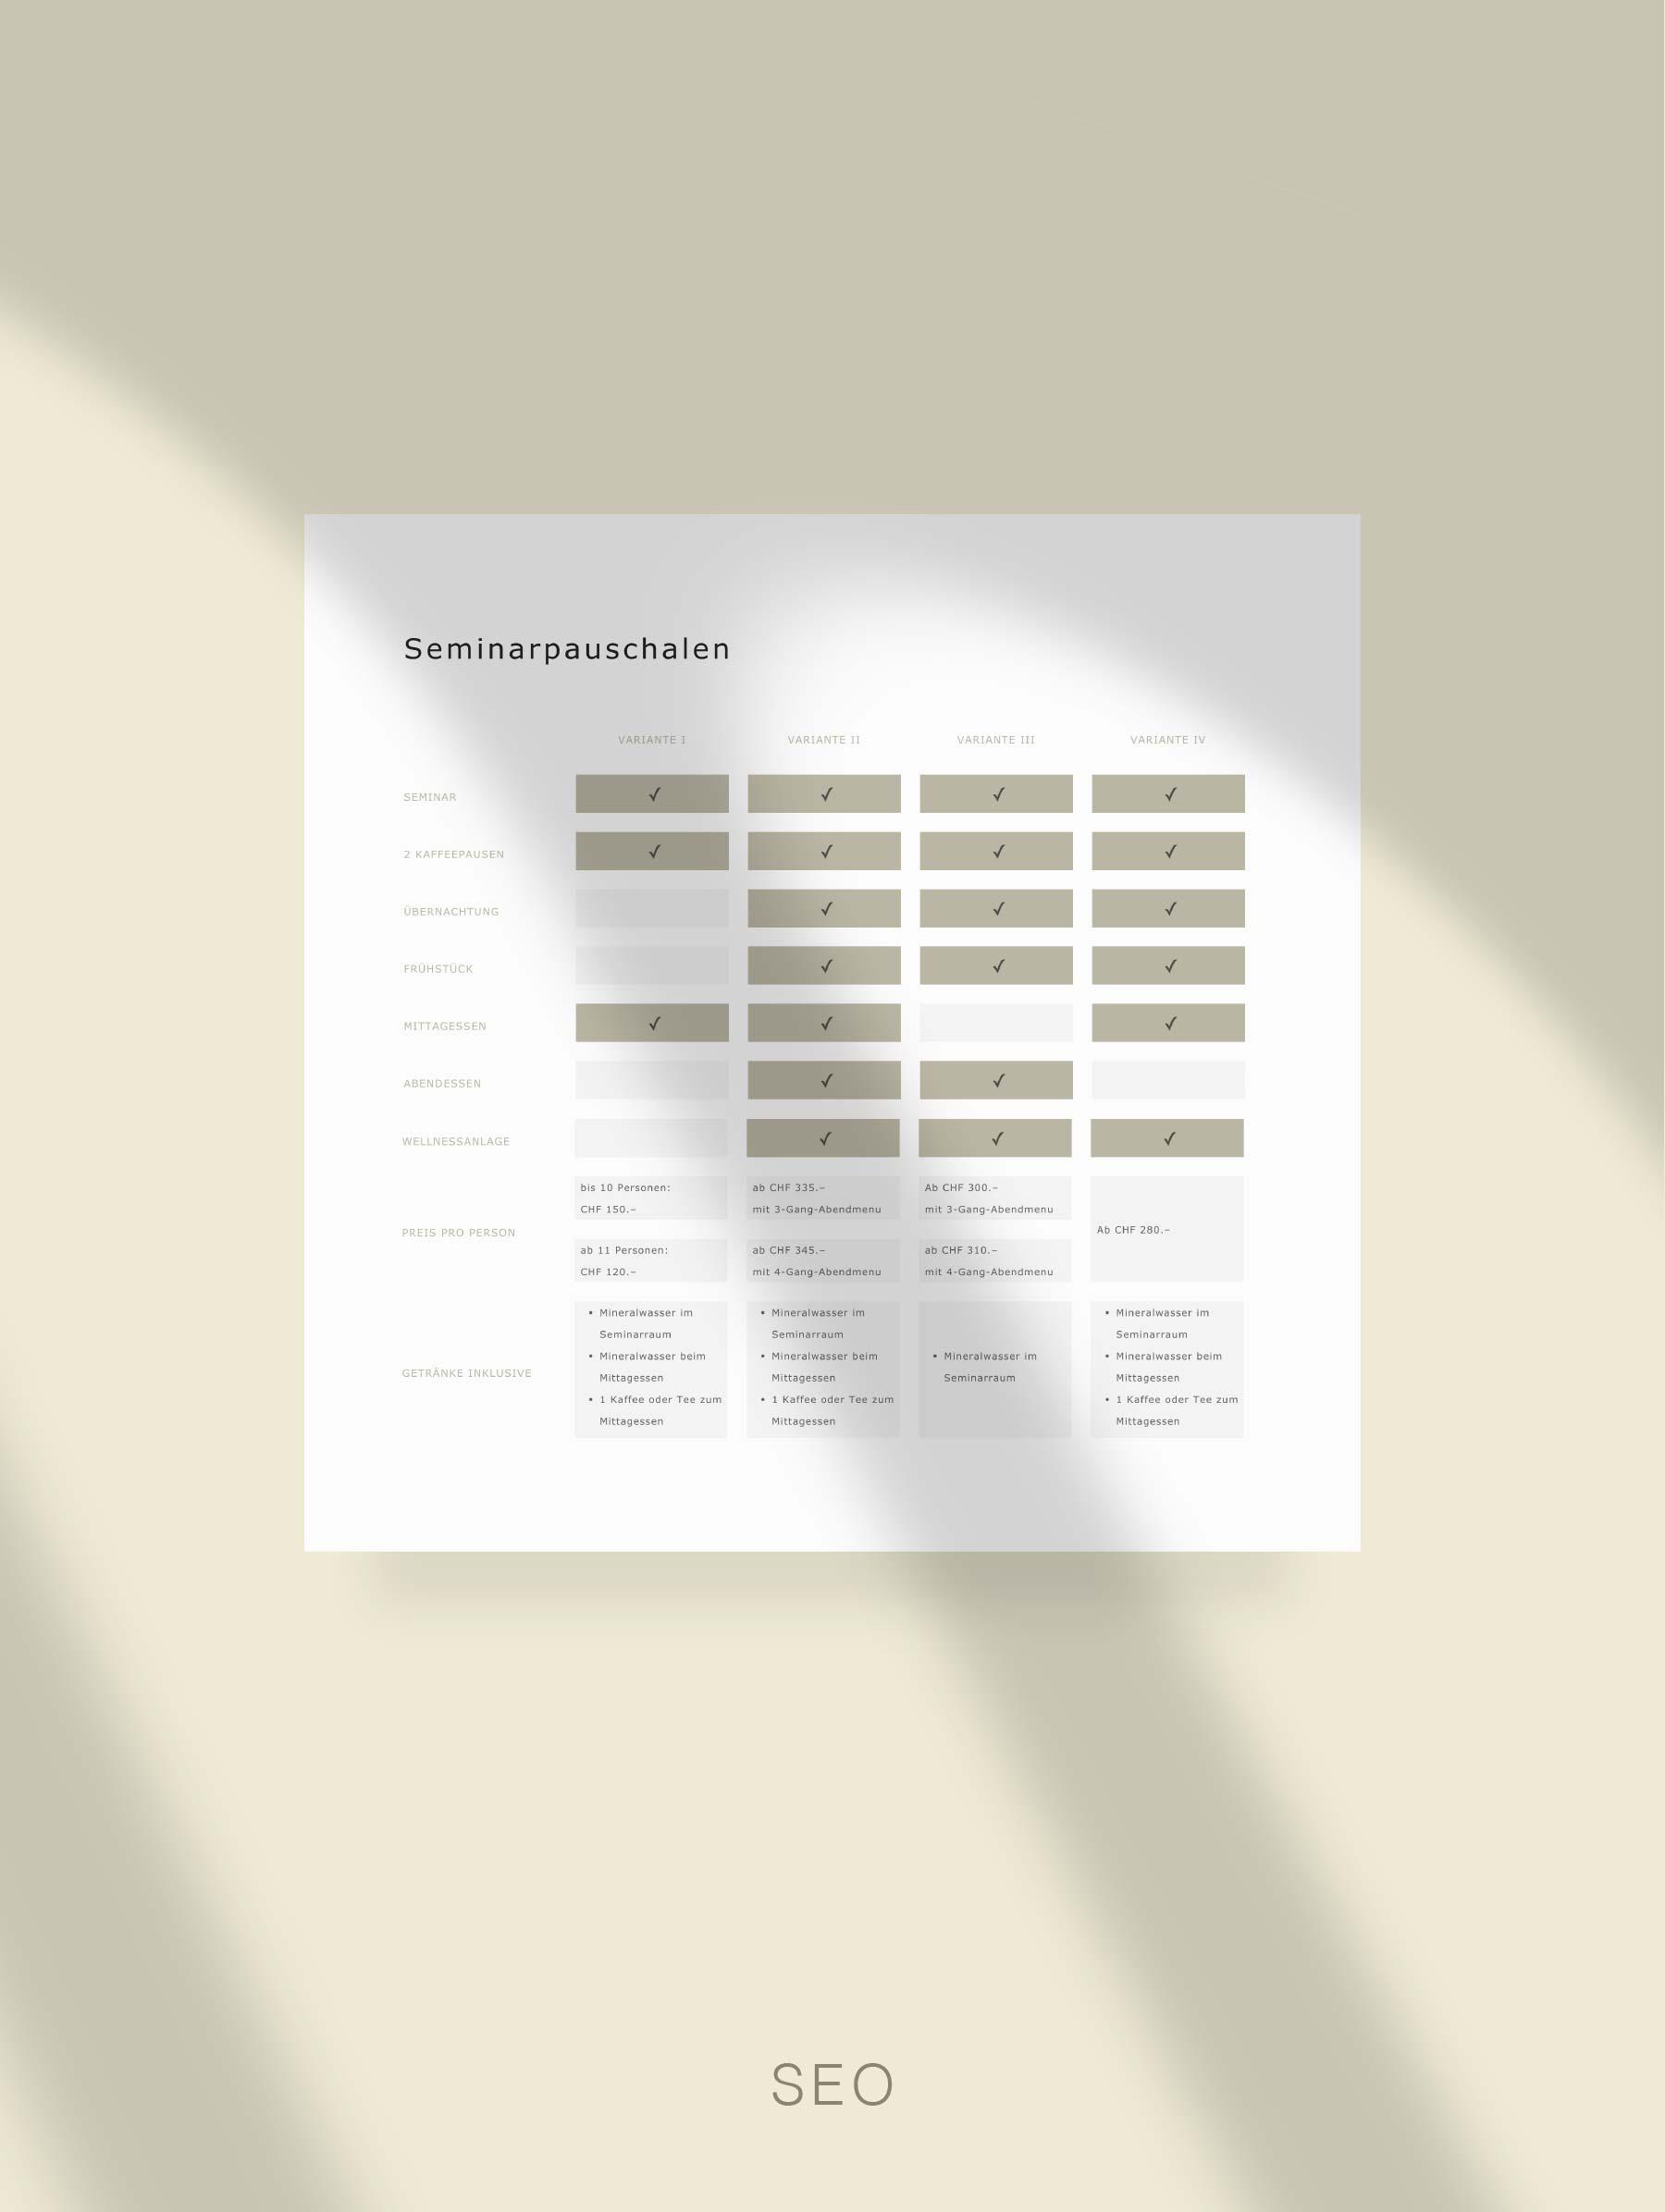 Tabellen mit Taxen - Entwicklung Webseite für Hotel Schweiz